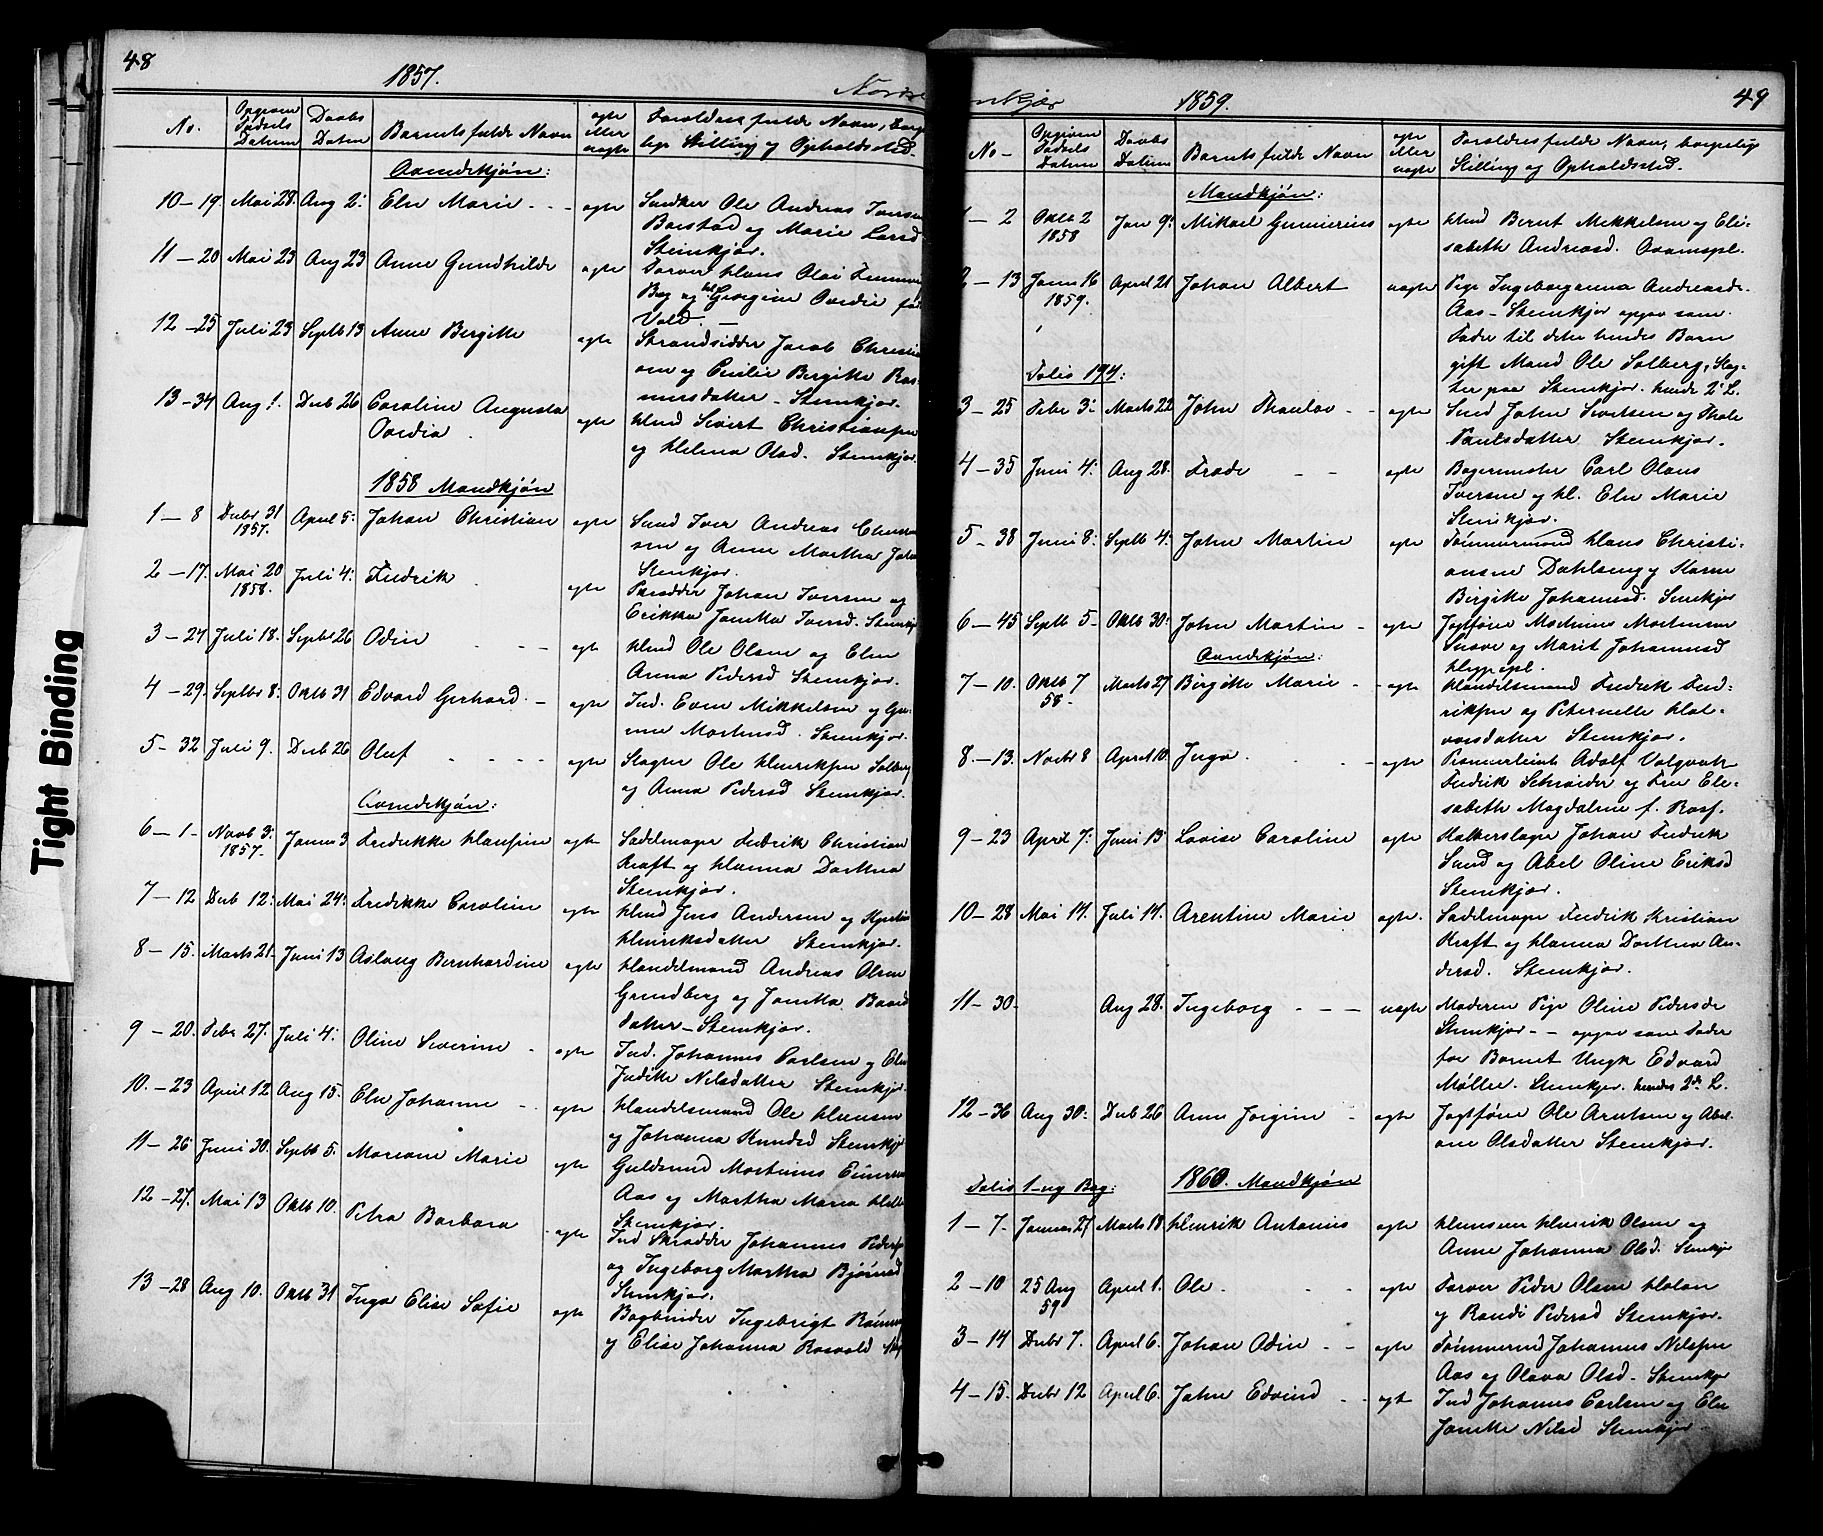 SAT, Ministerialprotokoller, klokkerbøker og fødselsregistre - Nord-Trøndelag, 739/L0367: Ministerialbok nr. 739A01 /2, 1838-1868, s. 48-49